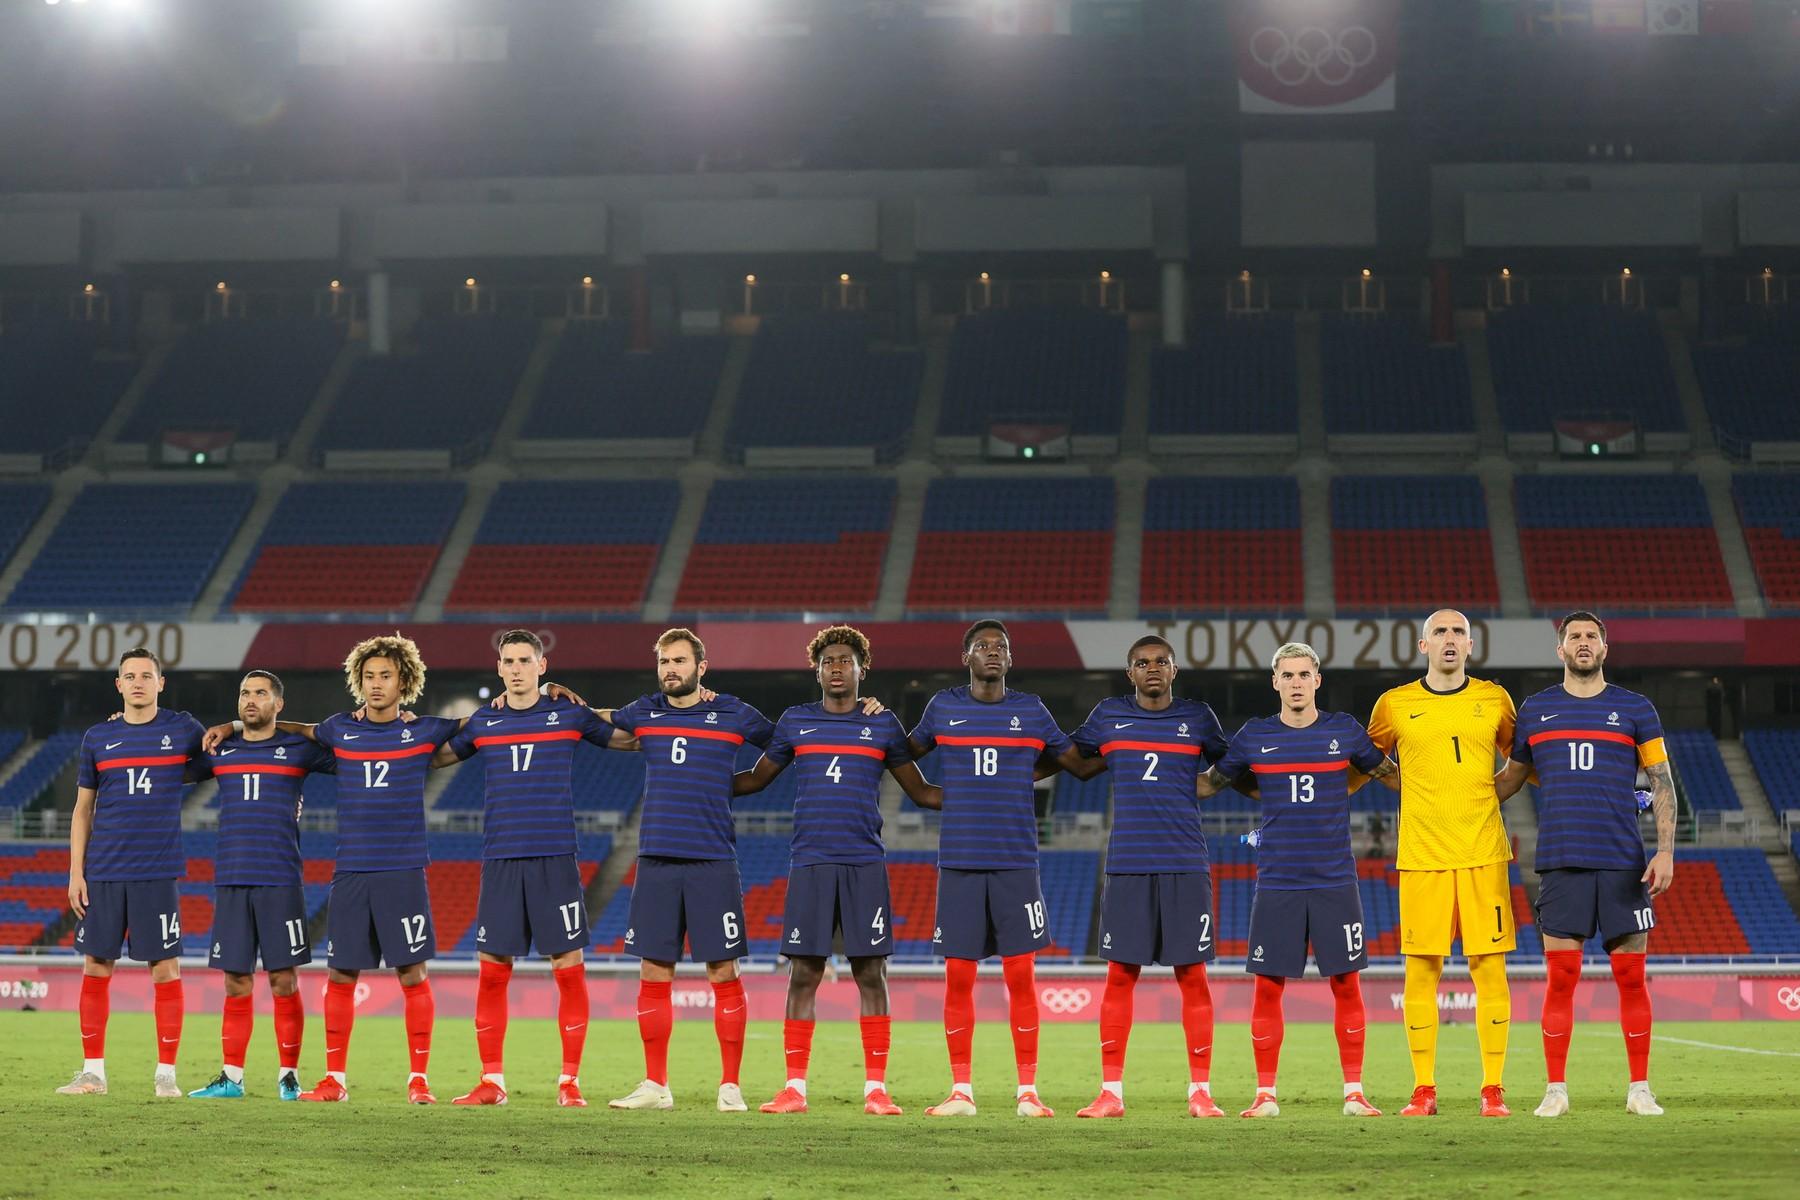 Fotbaliștii Franței, umiliți la Jocurile Olimpice, cu 11 goluri încasate în 3 meciuri. Reacții dure în presa din Hexagon